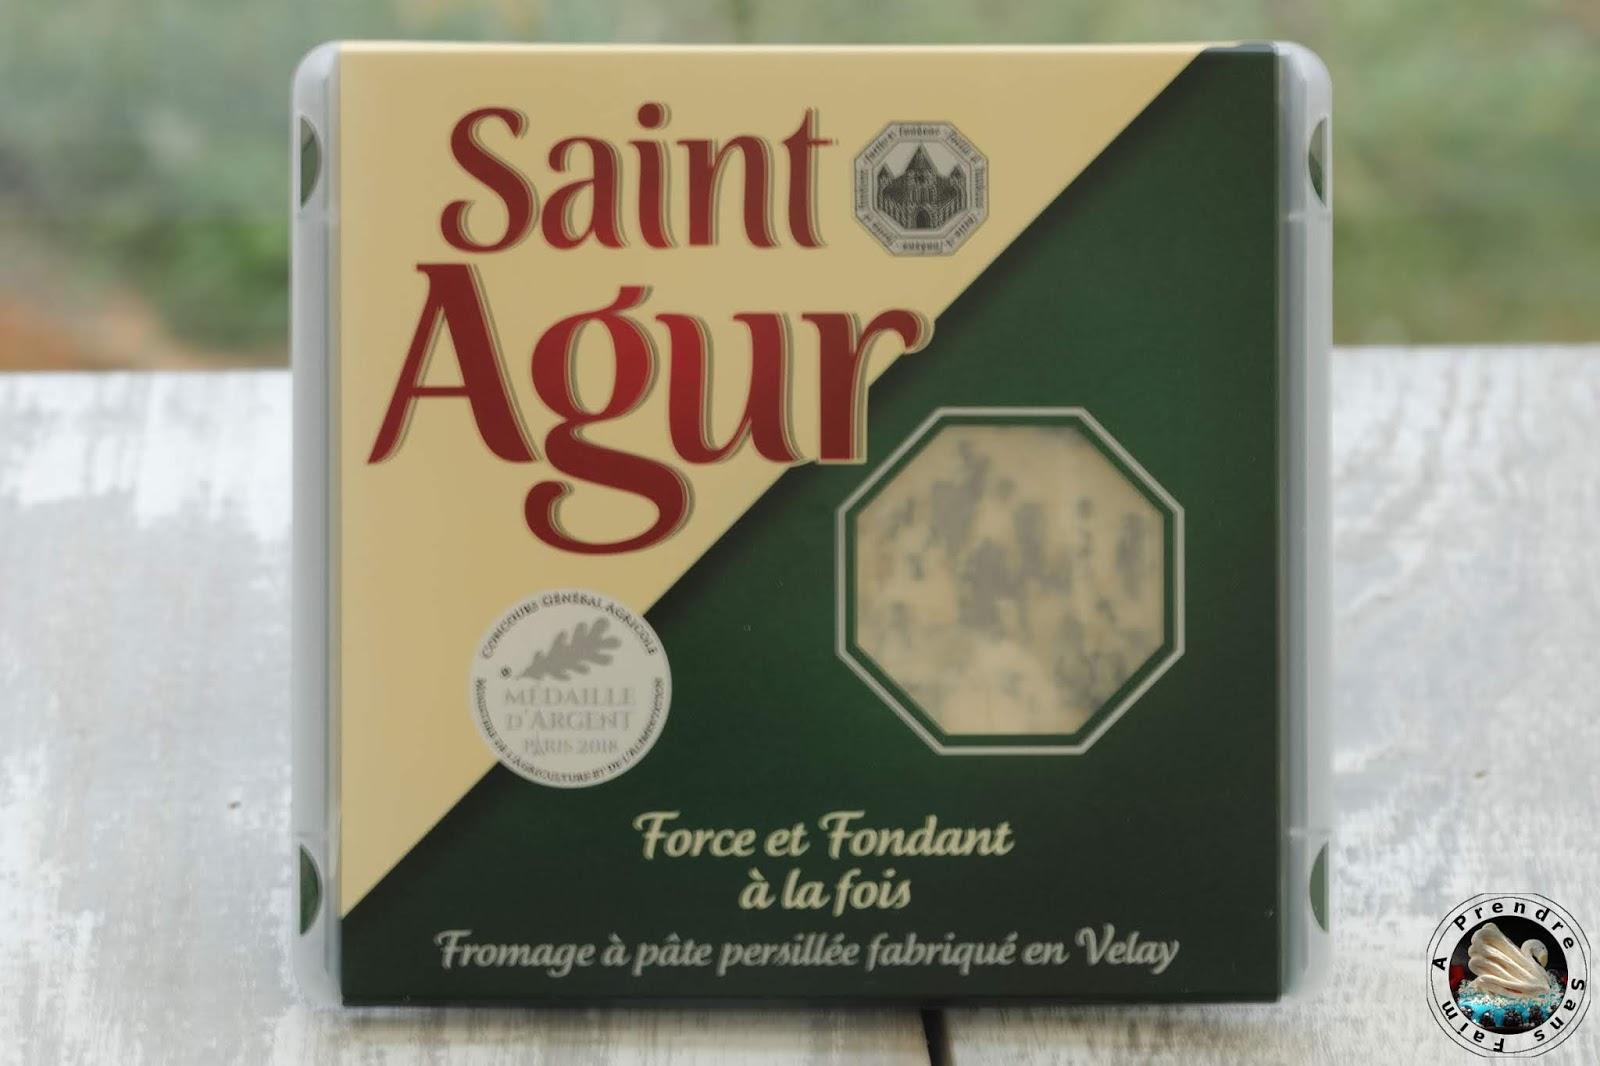 Gratin de spaetzle au Saint Agur